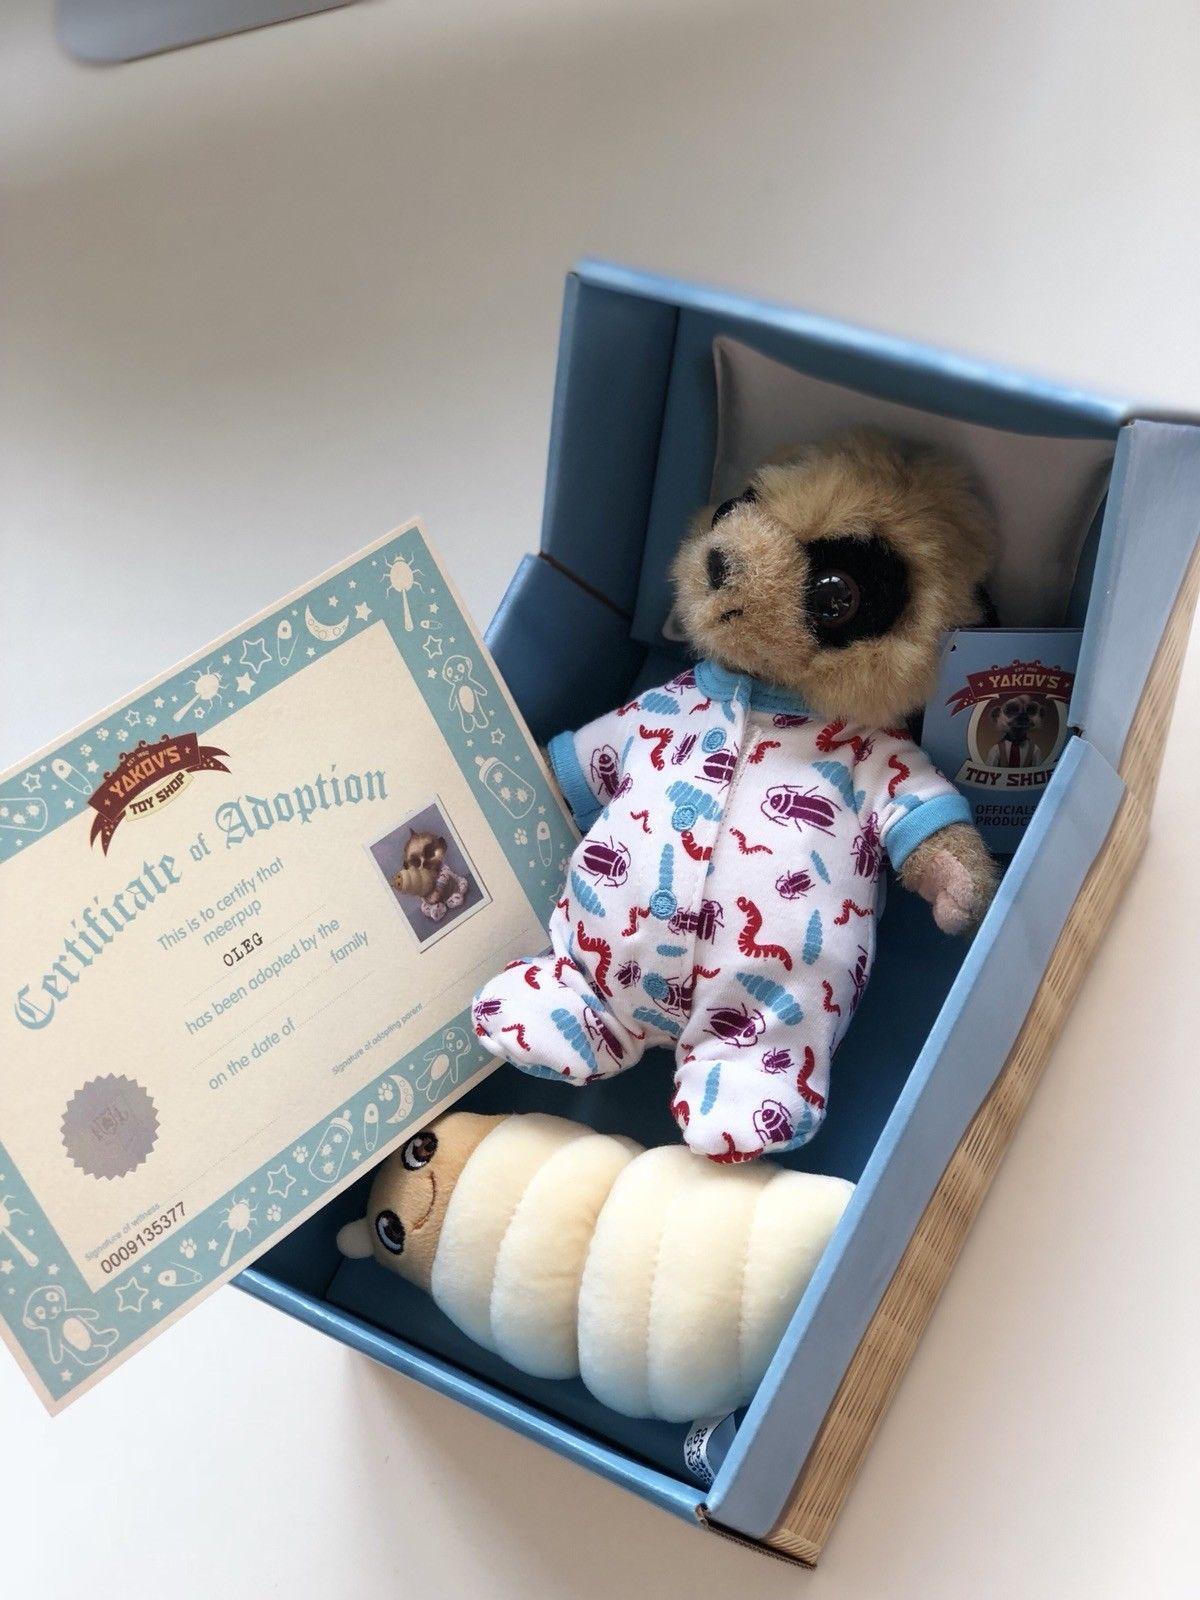 Baby Oleg Meerkat Toy eBay Meerkat, Toys, Baby